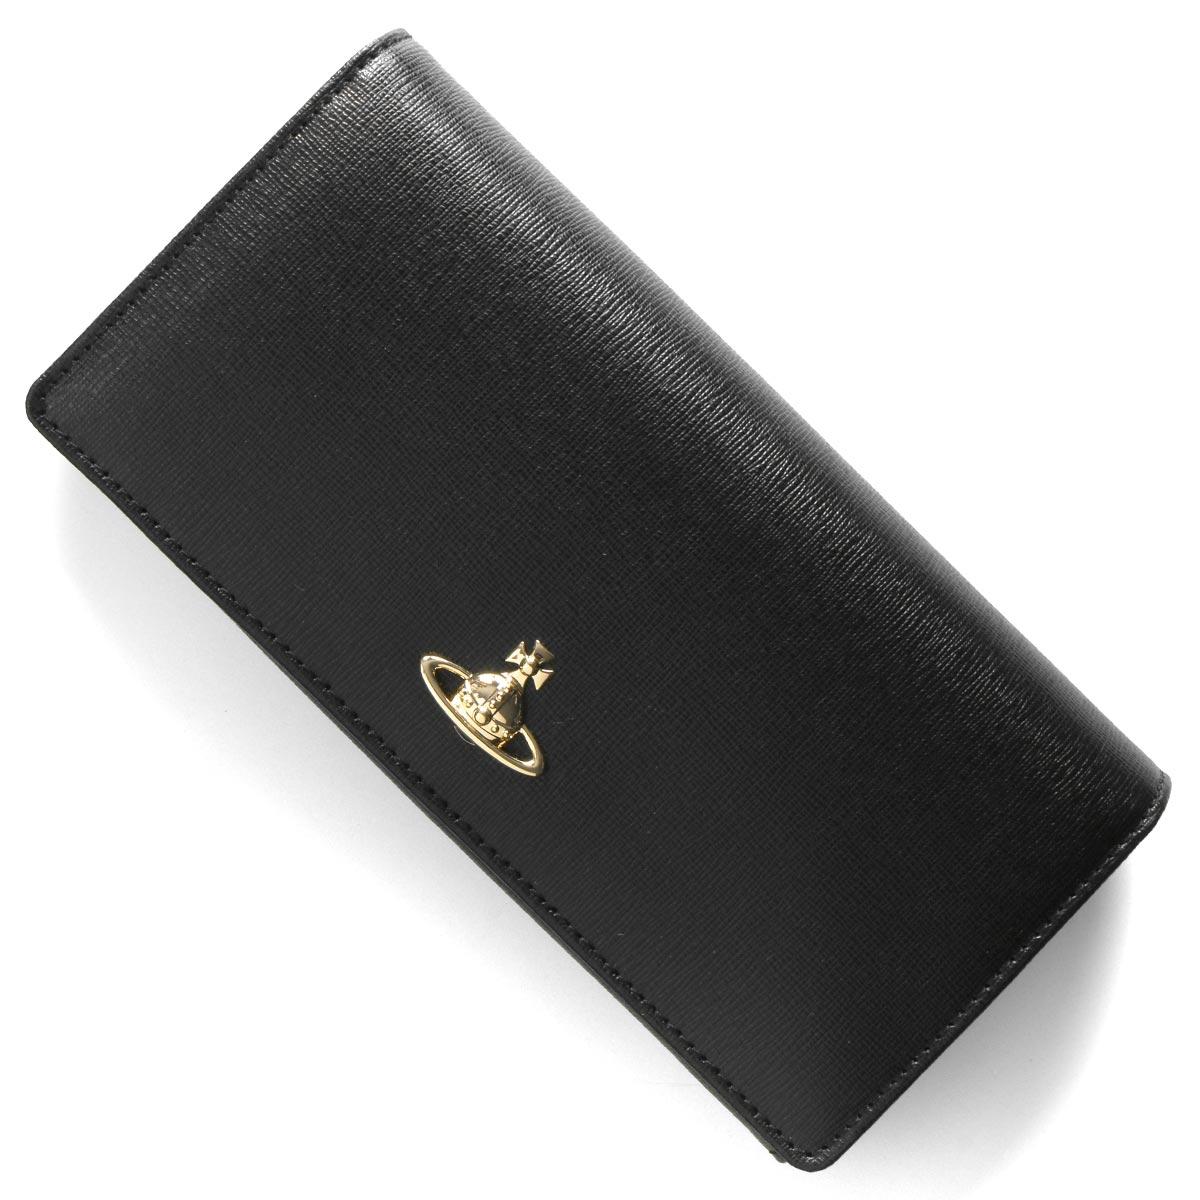 ヴィヴィアンウエストウッド 長財布 財布 レディース ヴィクトリア クラシック オーブ ブラック 51060025 40565 N401 VIVIENNE WESTWOOD